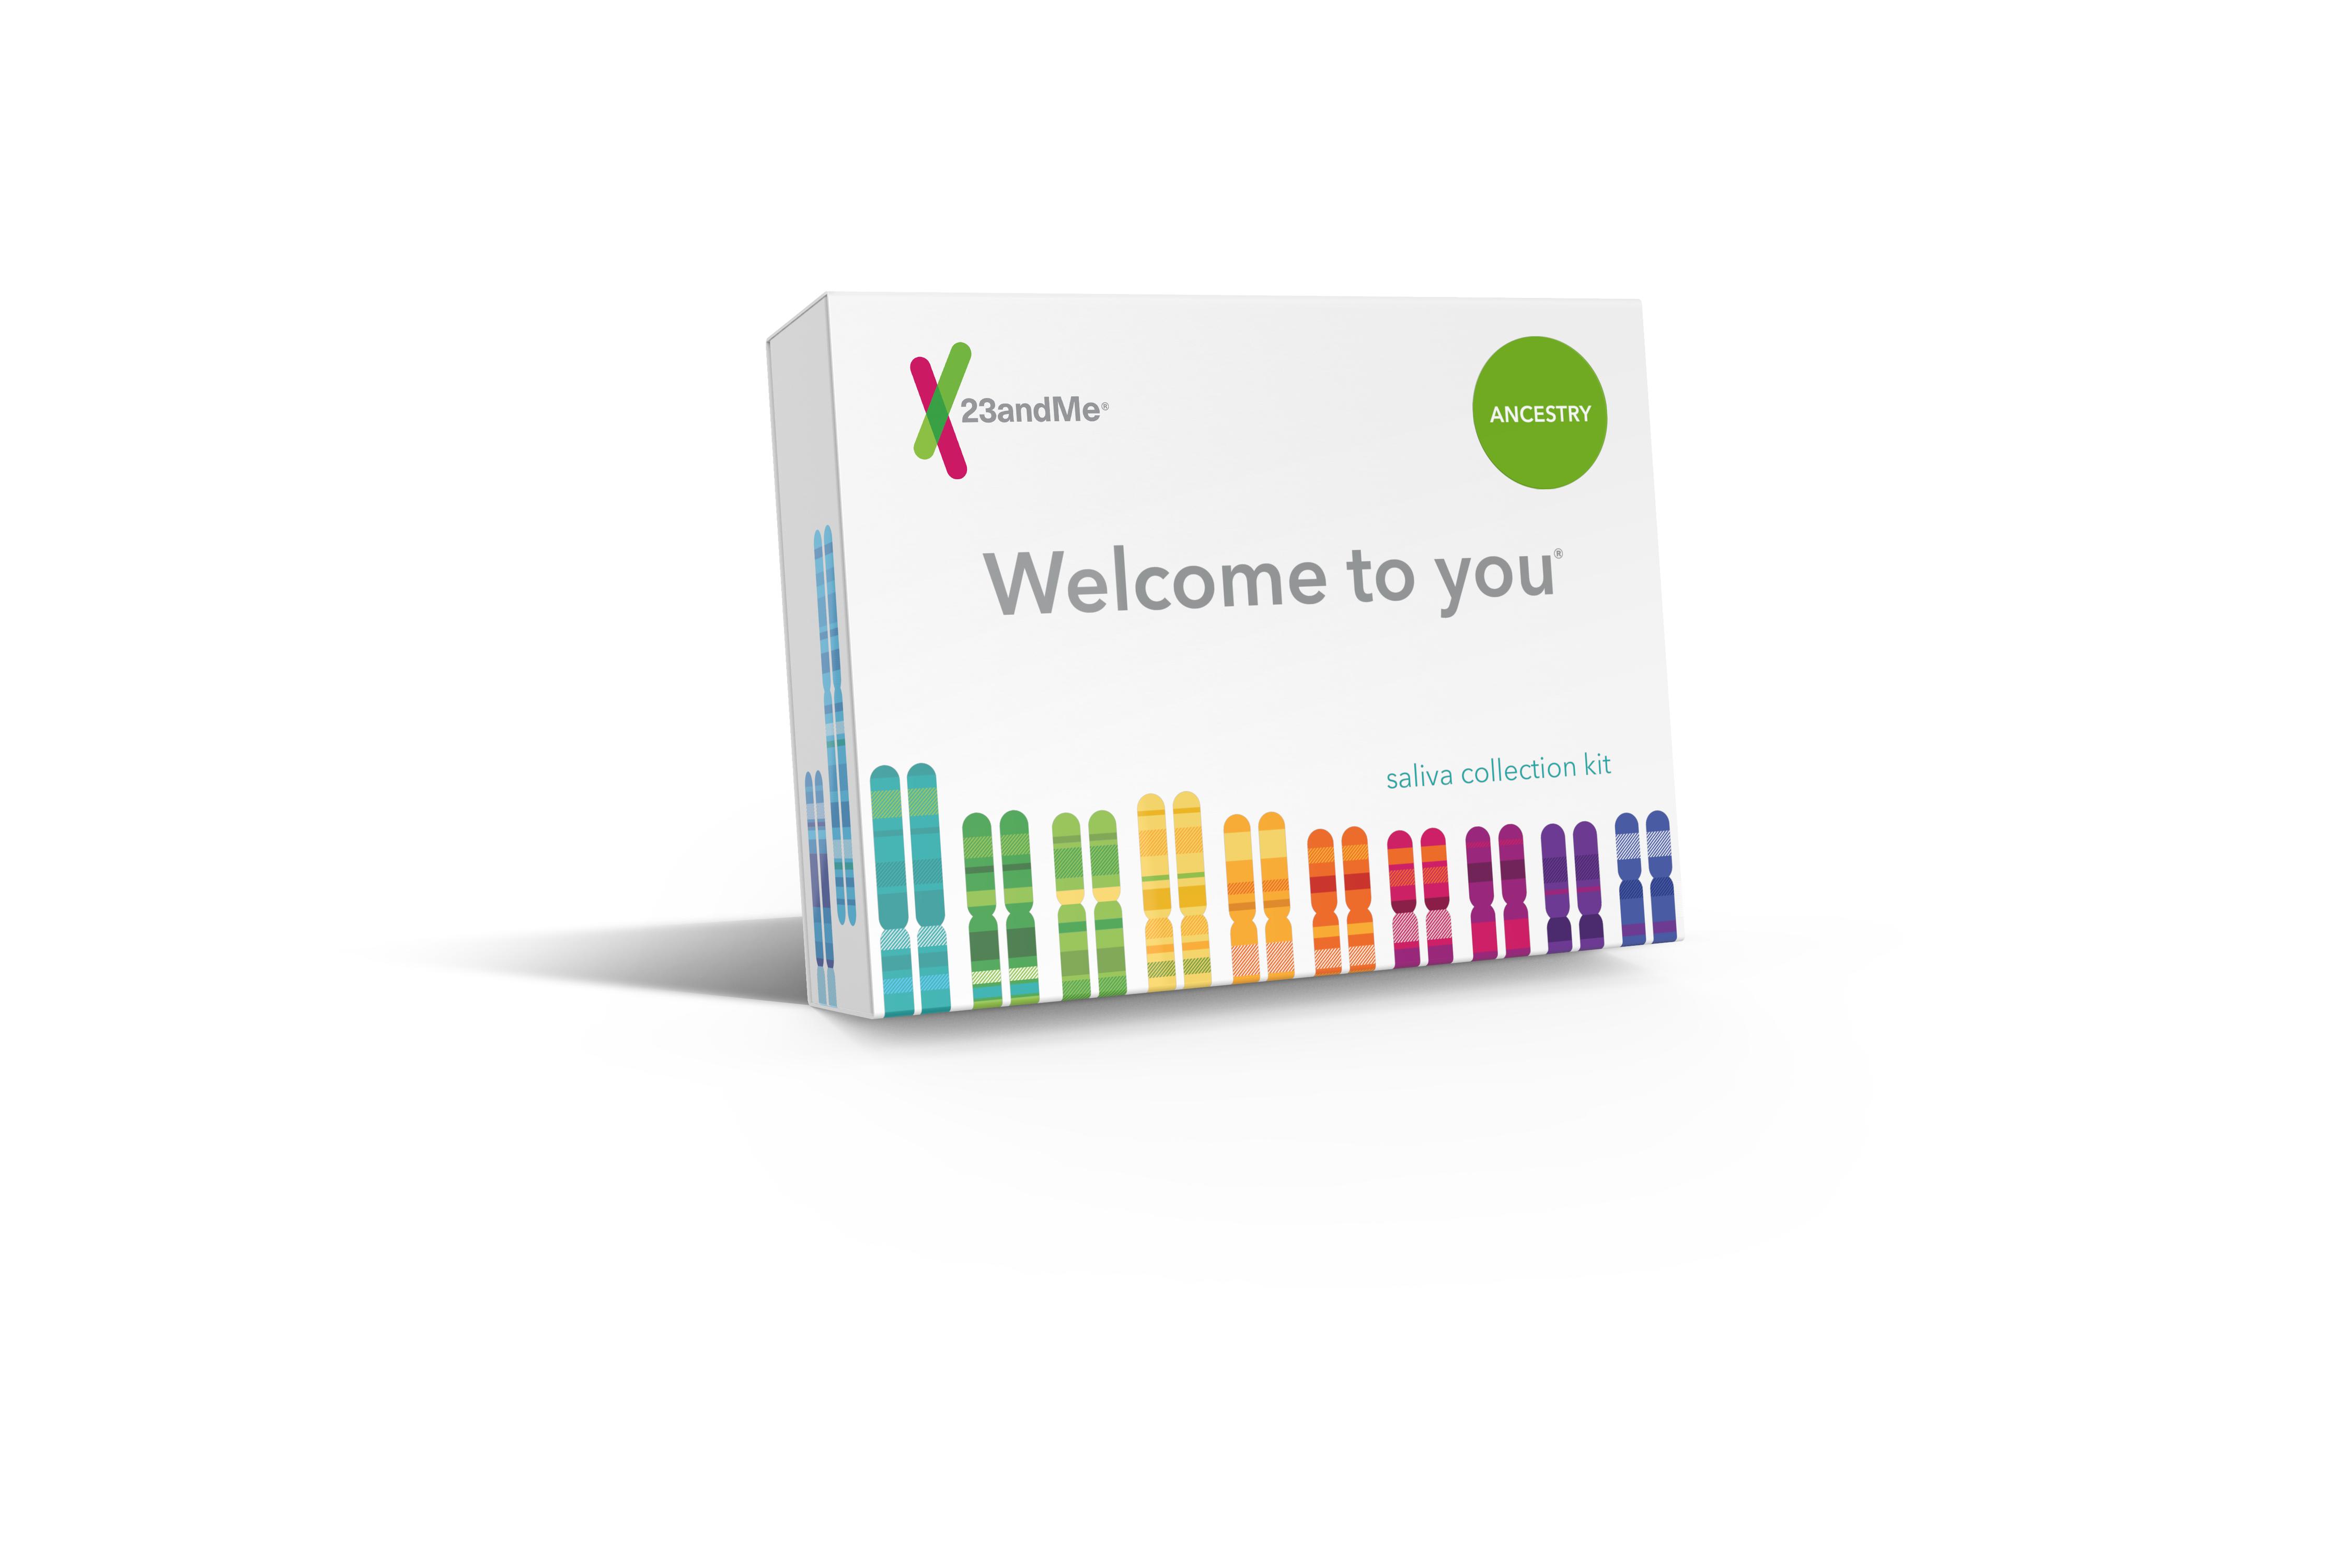 cancer genetic kit verucă plantară după cauterizare cu azot